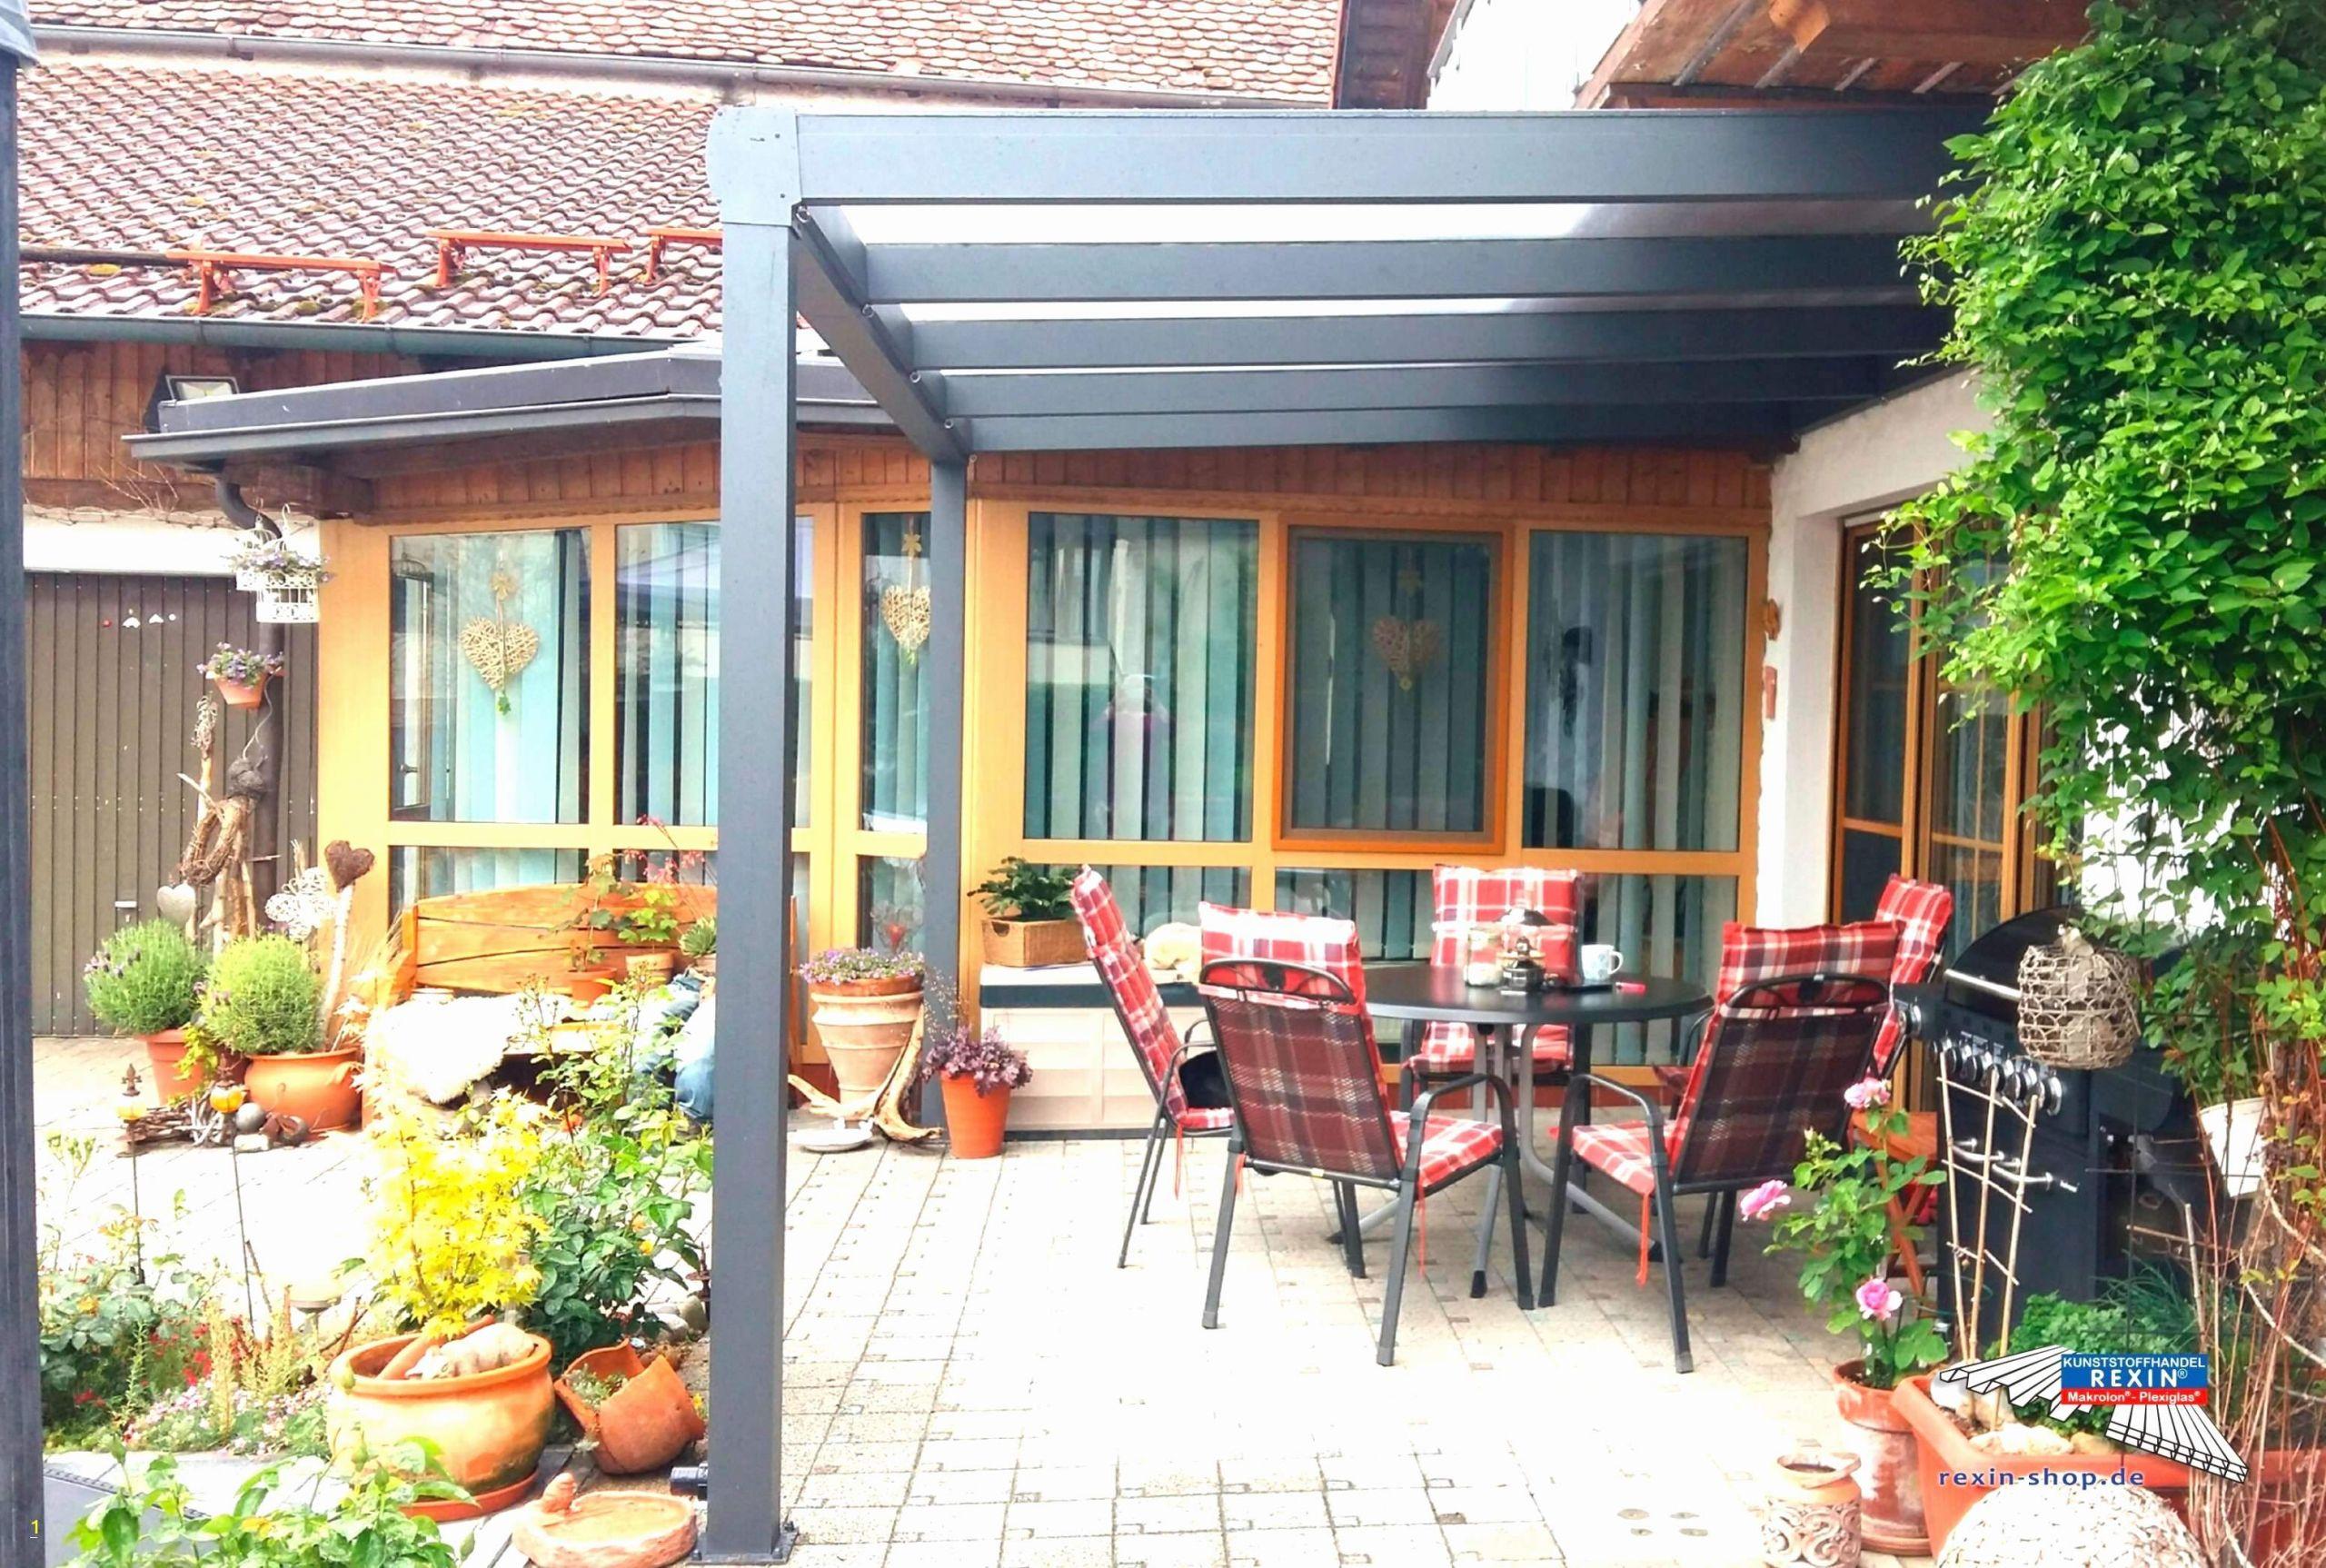 kosten garten anlegen schon wpc terrasse kosten das beste von terrasse boden schon veranda of kosten garten anlegen